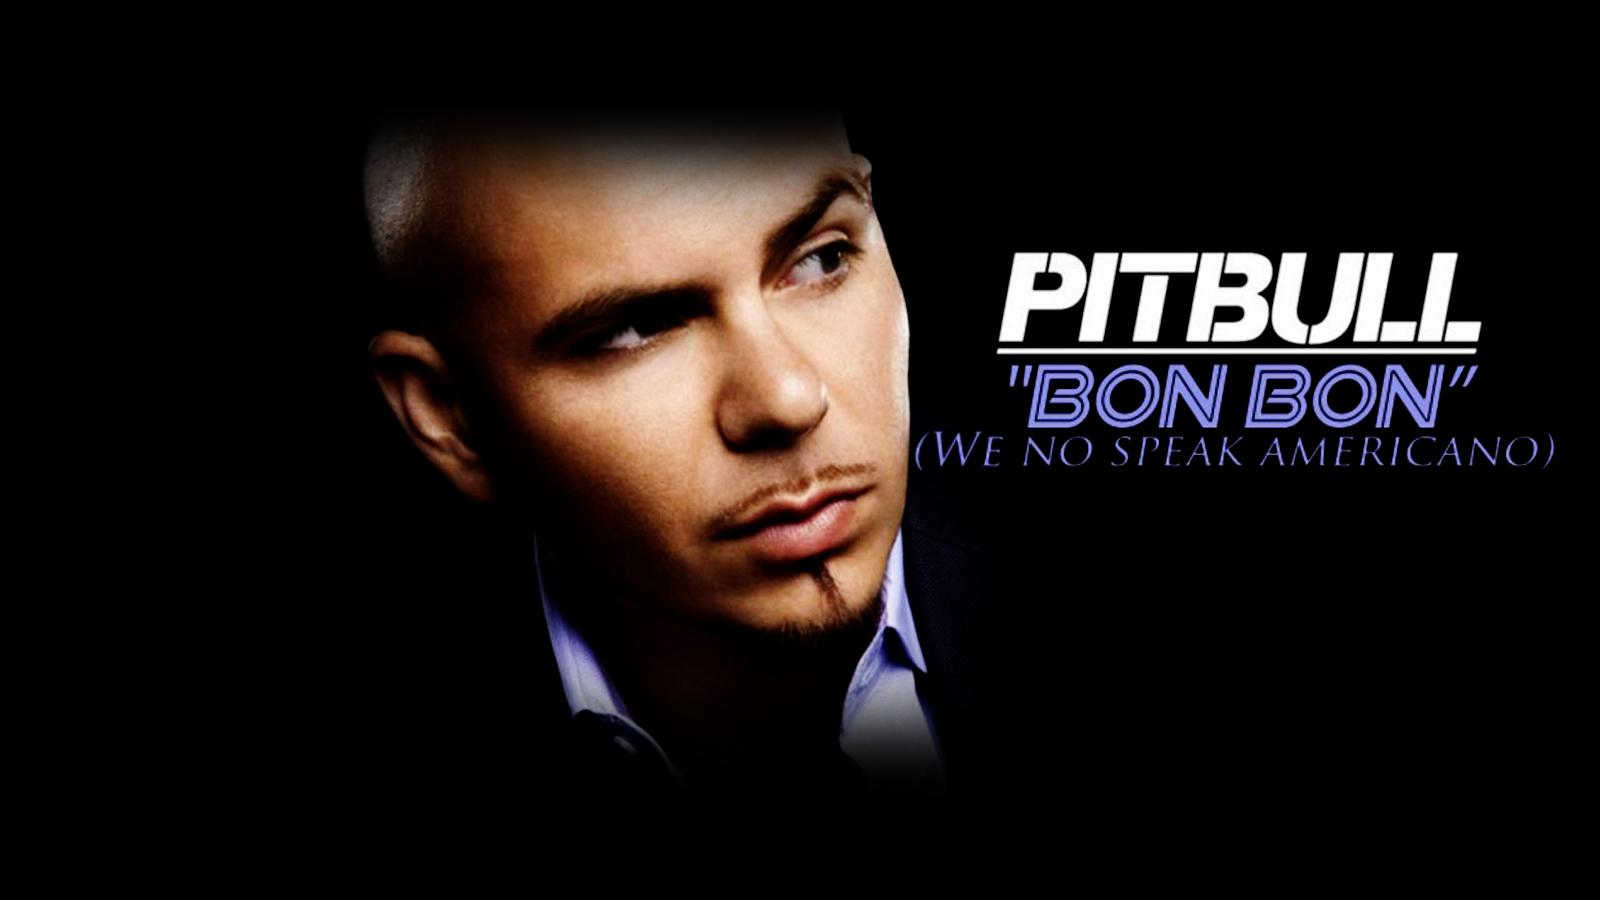 http://3.bp.blogspot.com/-szp82mC7yGU/TtlASDOX8cI/AAAAAAAAErc/fnPlegsY4EQ/s4000/Pitbull_Bon_Bon_HD_Wallpaper.jpg